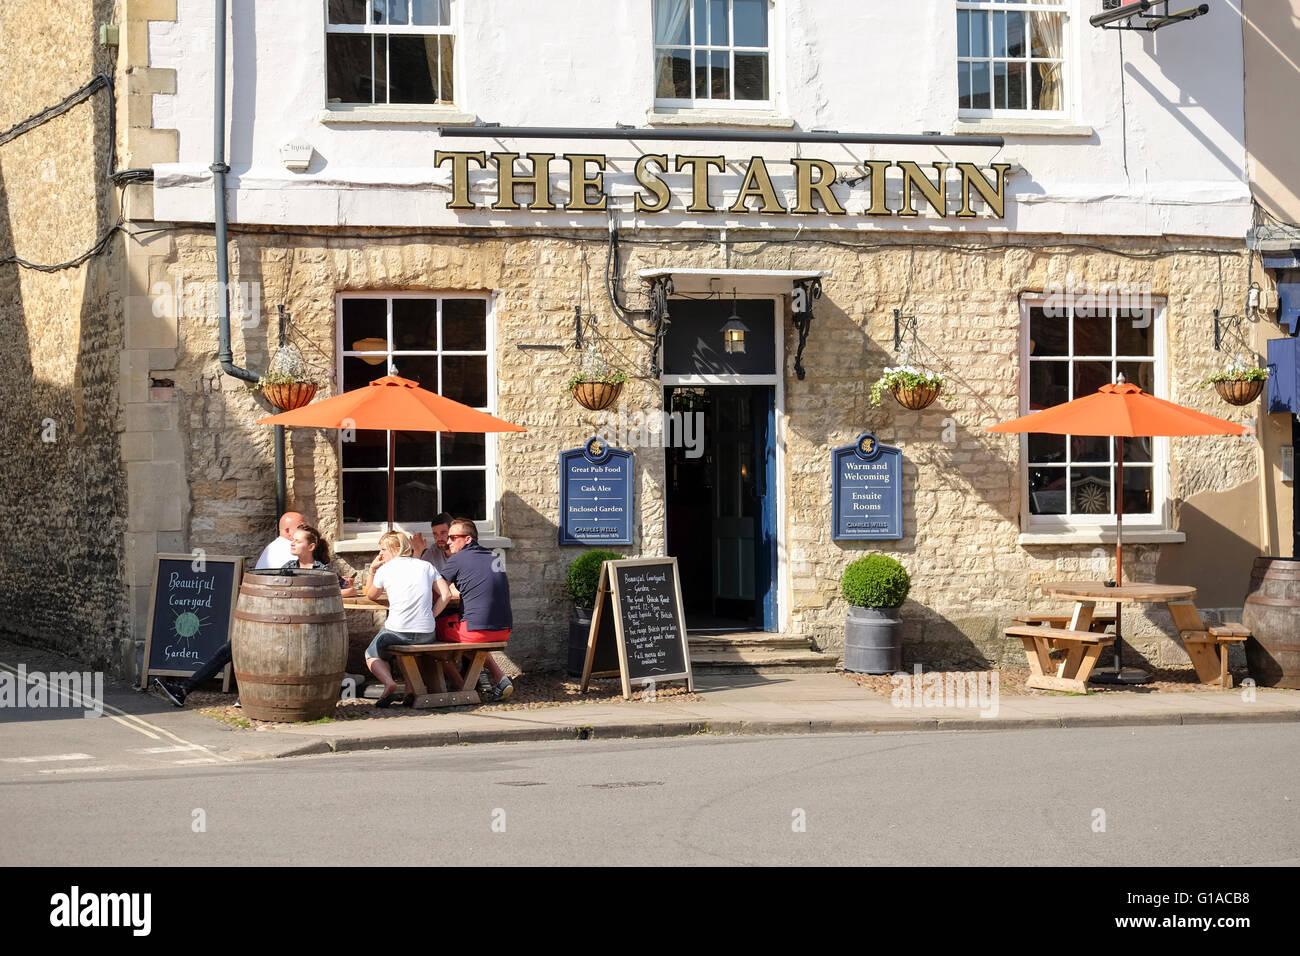 El Star Inn Hotel en el pueblo de Woodstock, en Oxfordshire Imagen De Stock